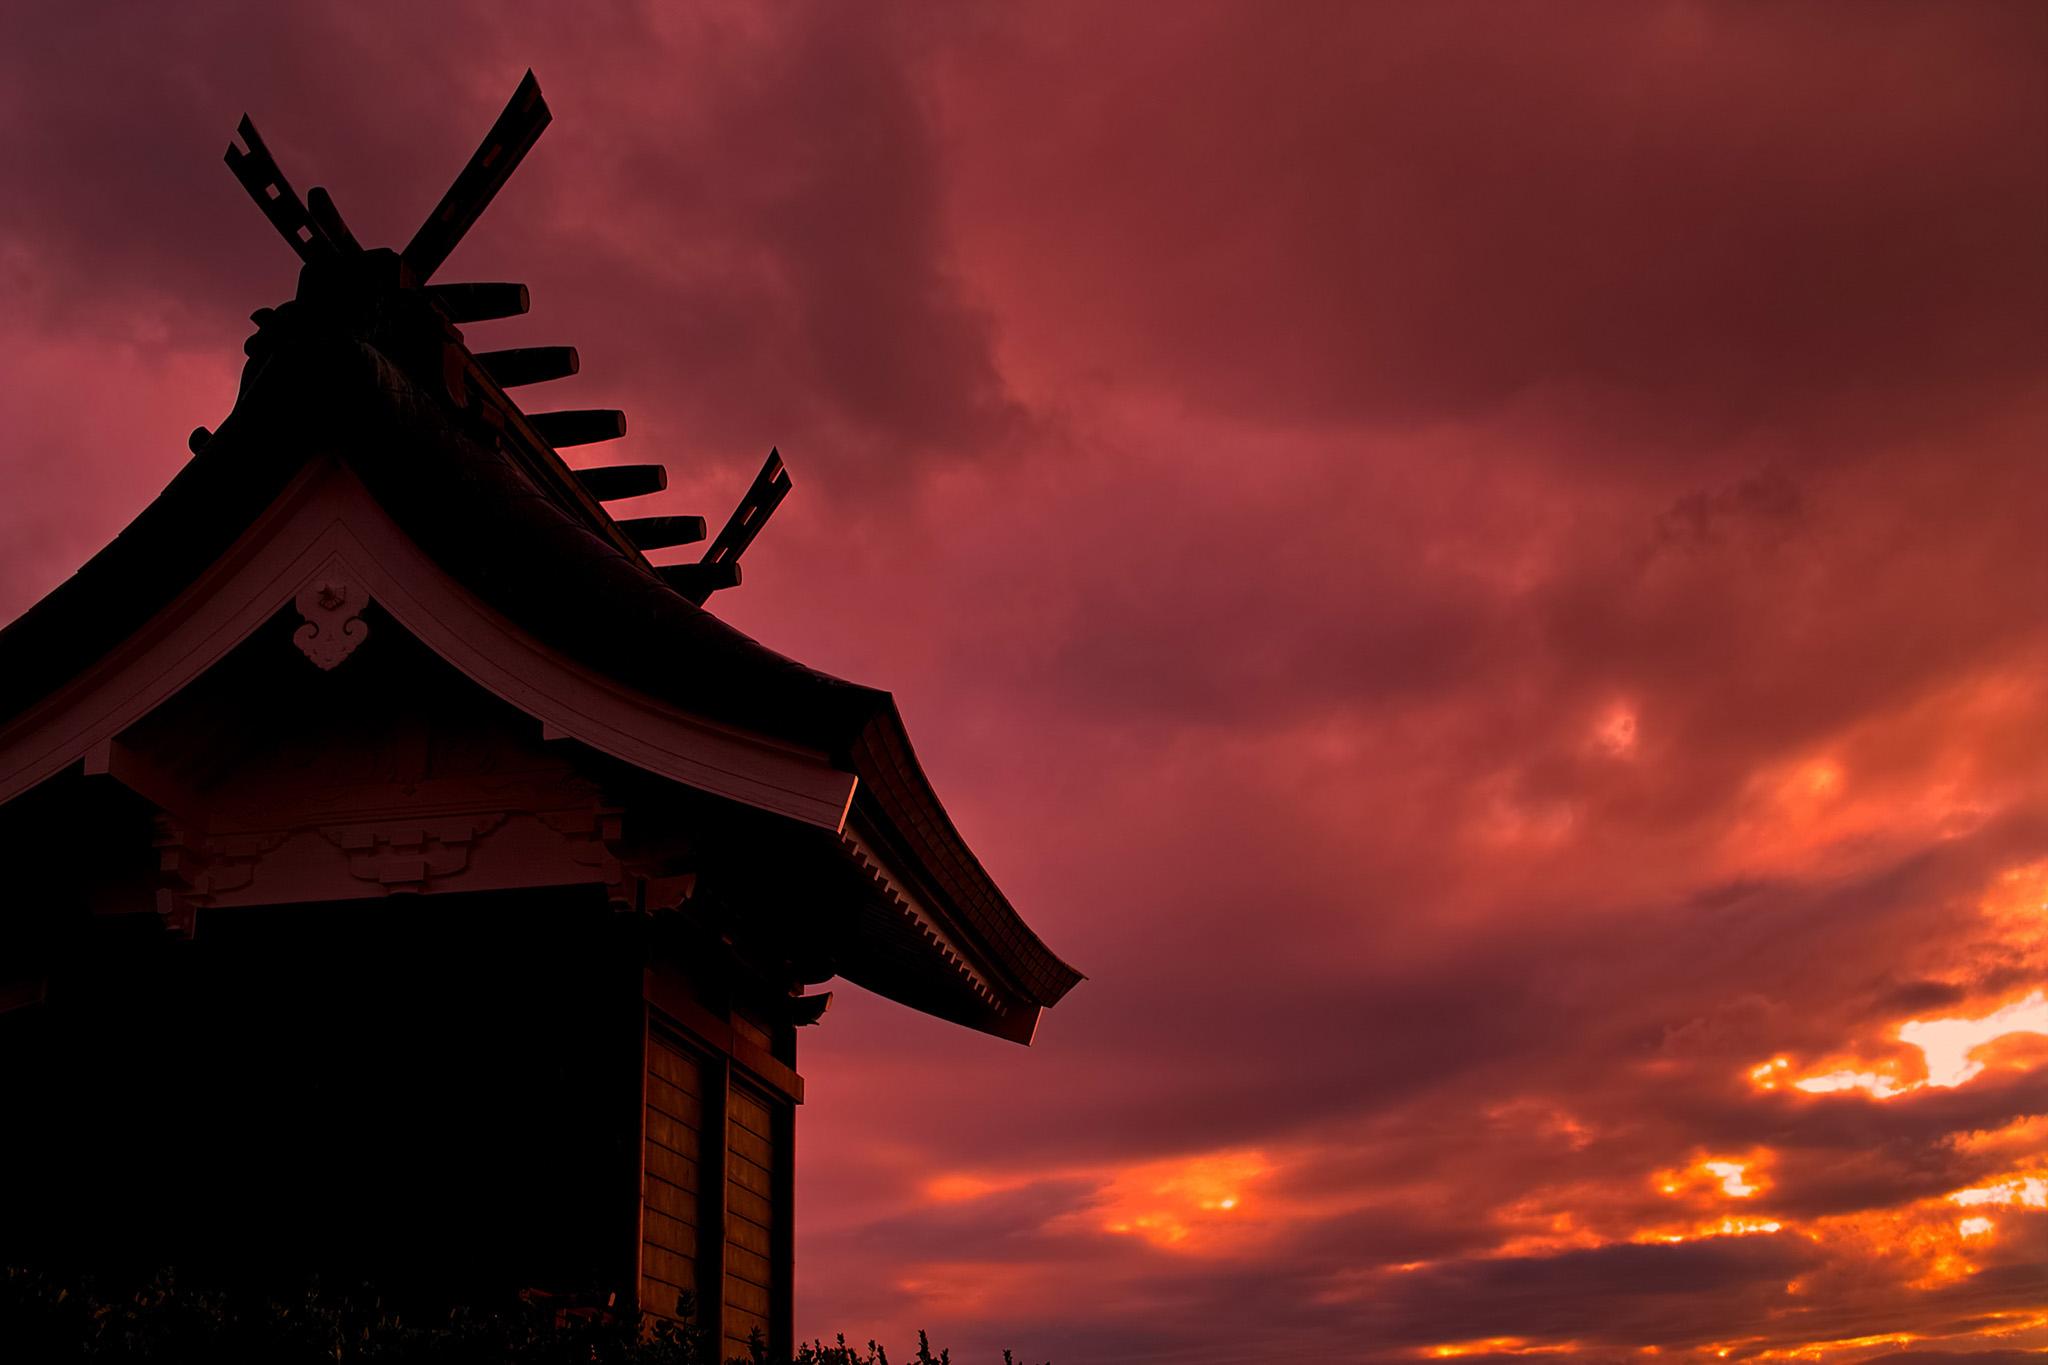 「夕暮れの神々しい日本寺院」のテクスチャを無料ダウンロード